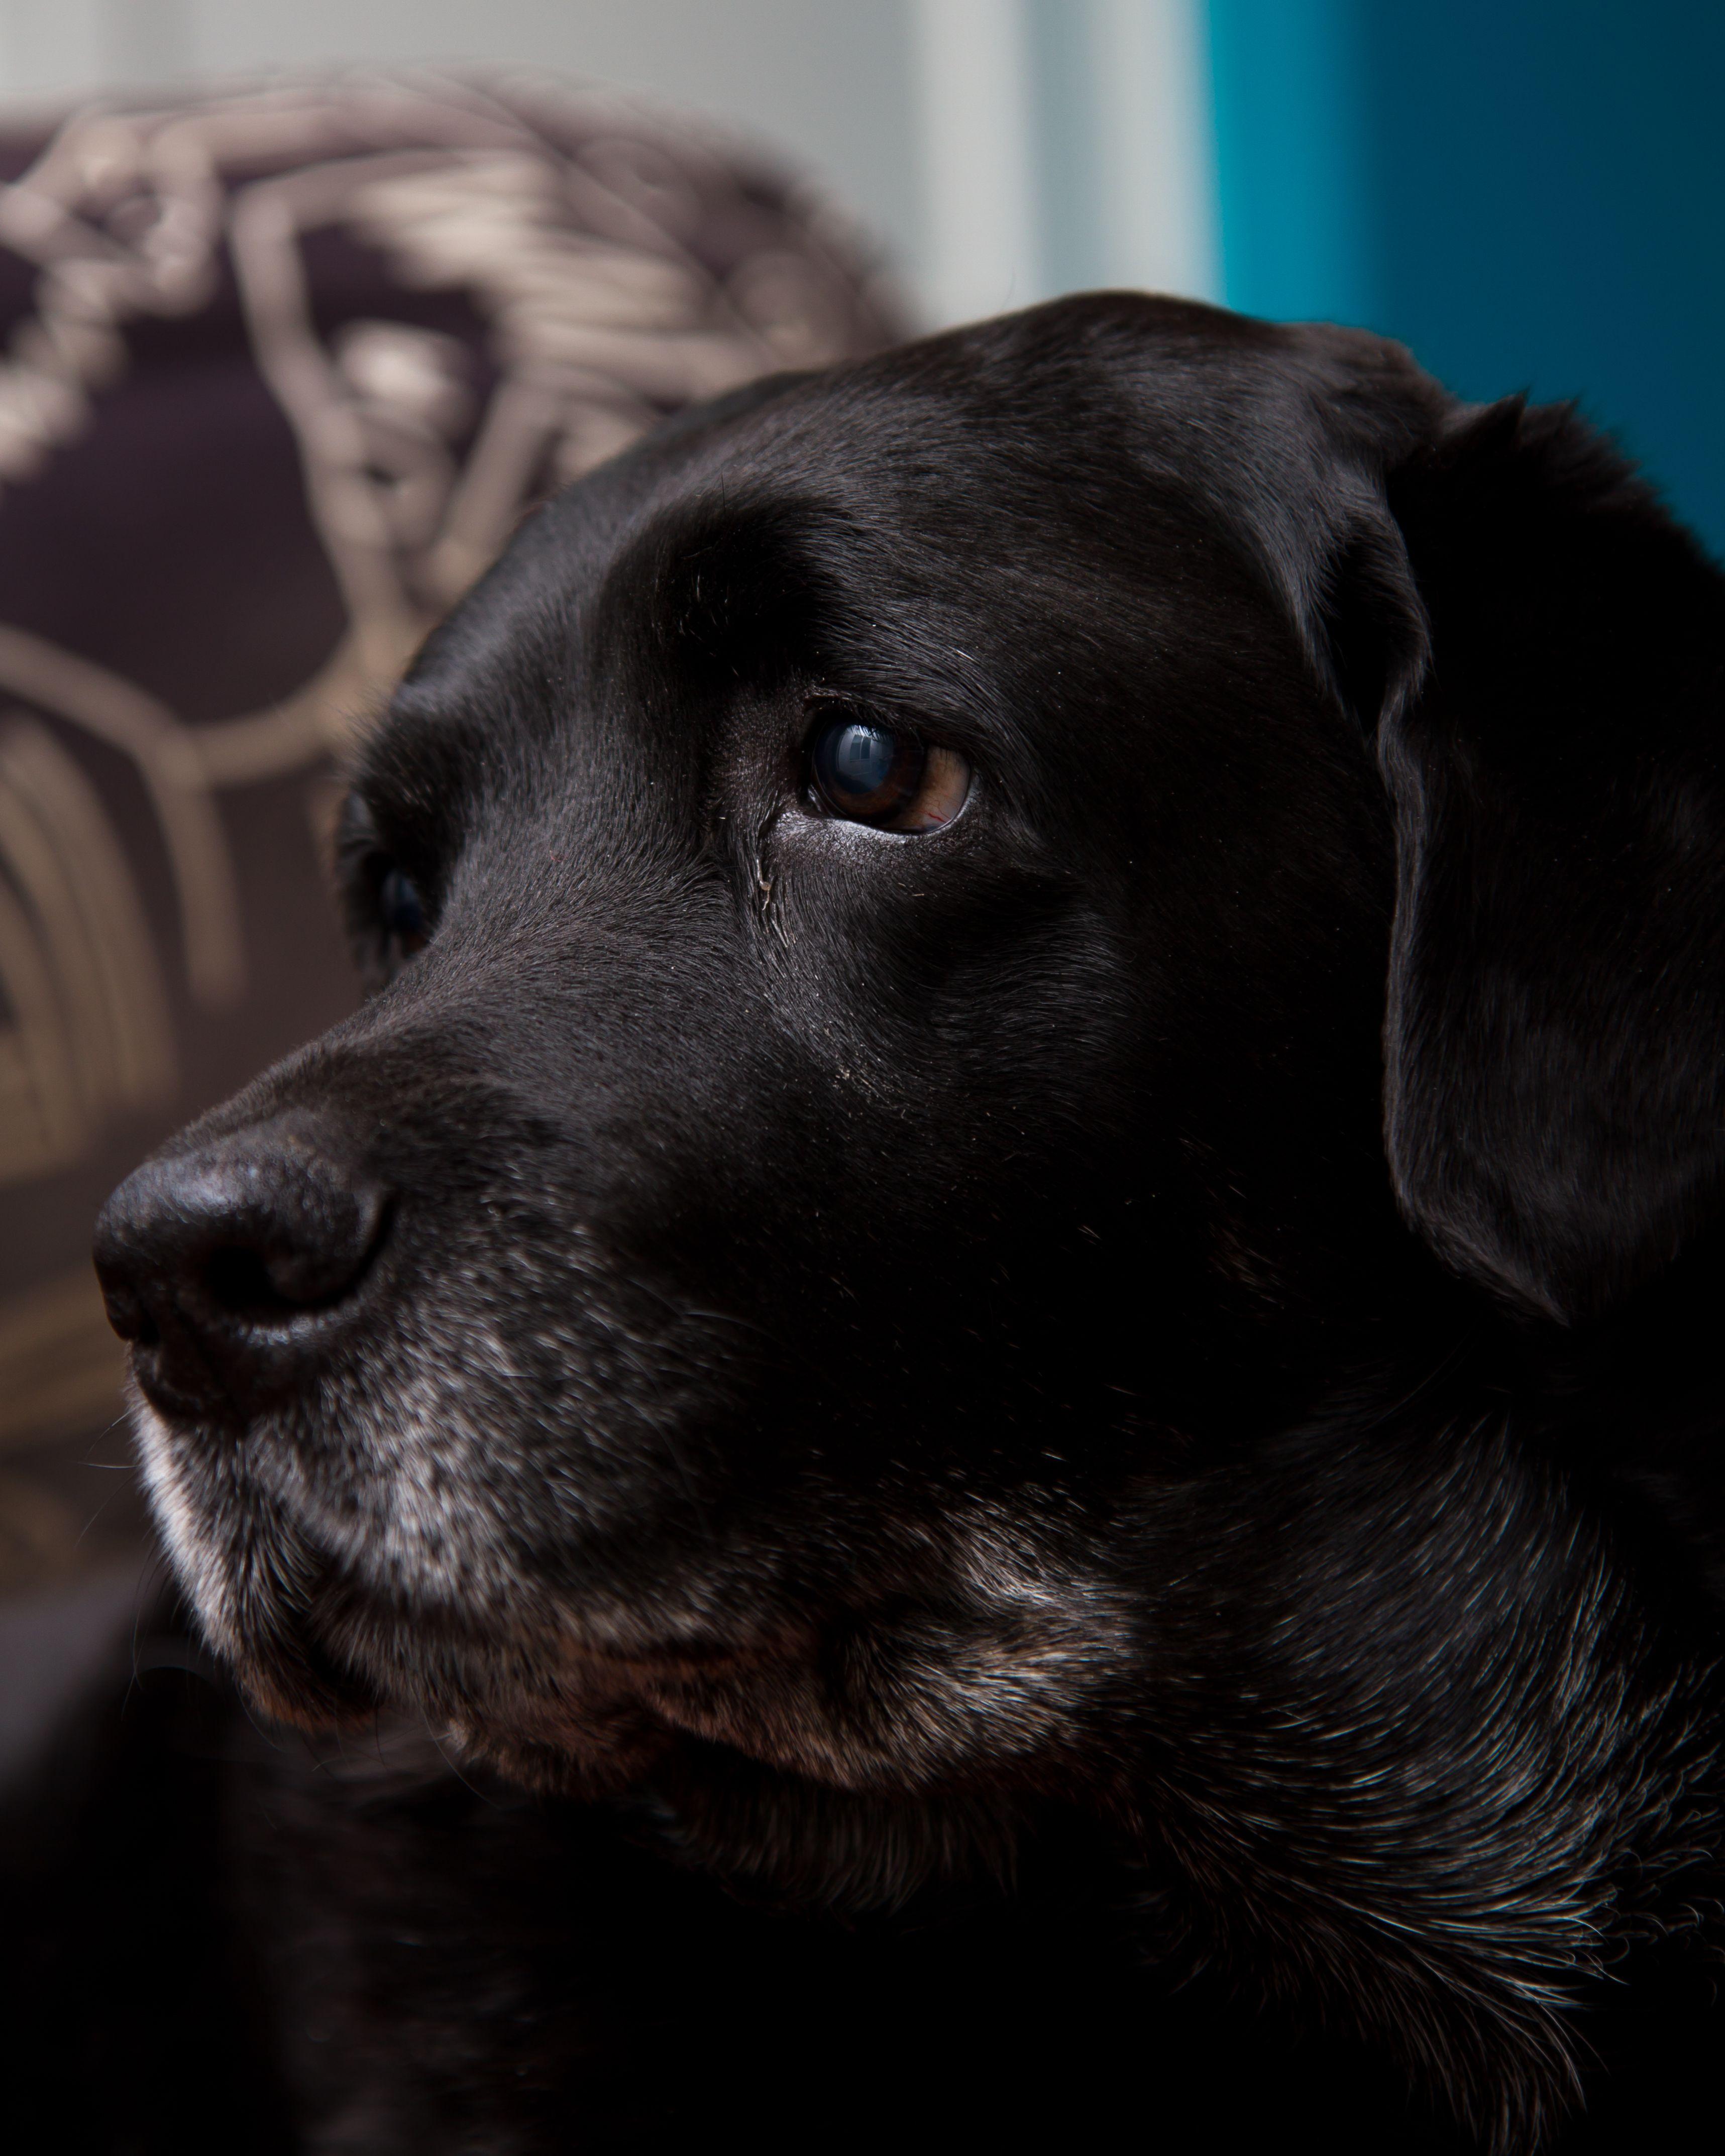 Hình ảnh chú chó buồn nhìn ra ngoài